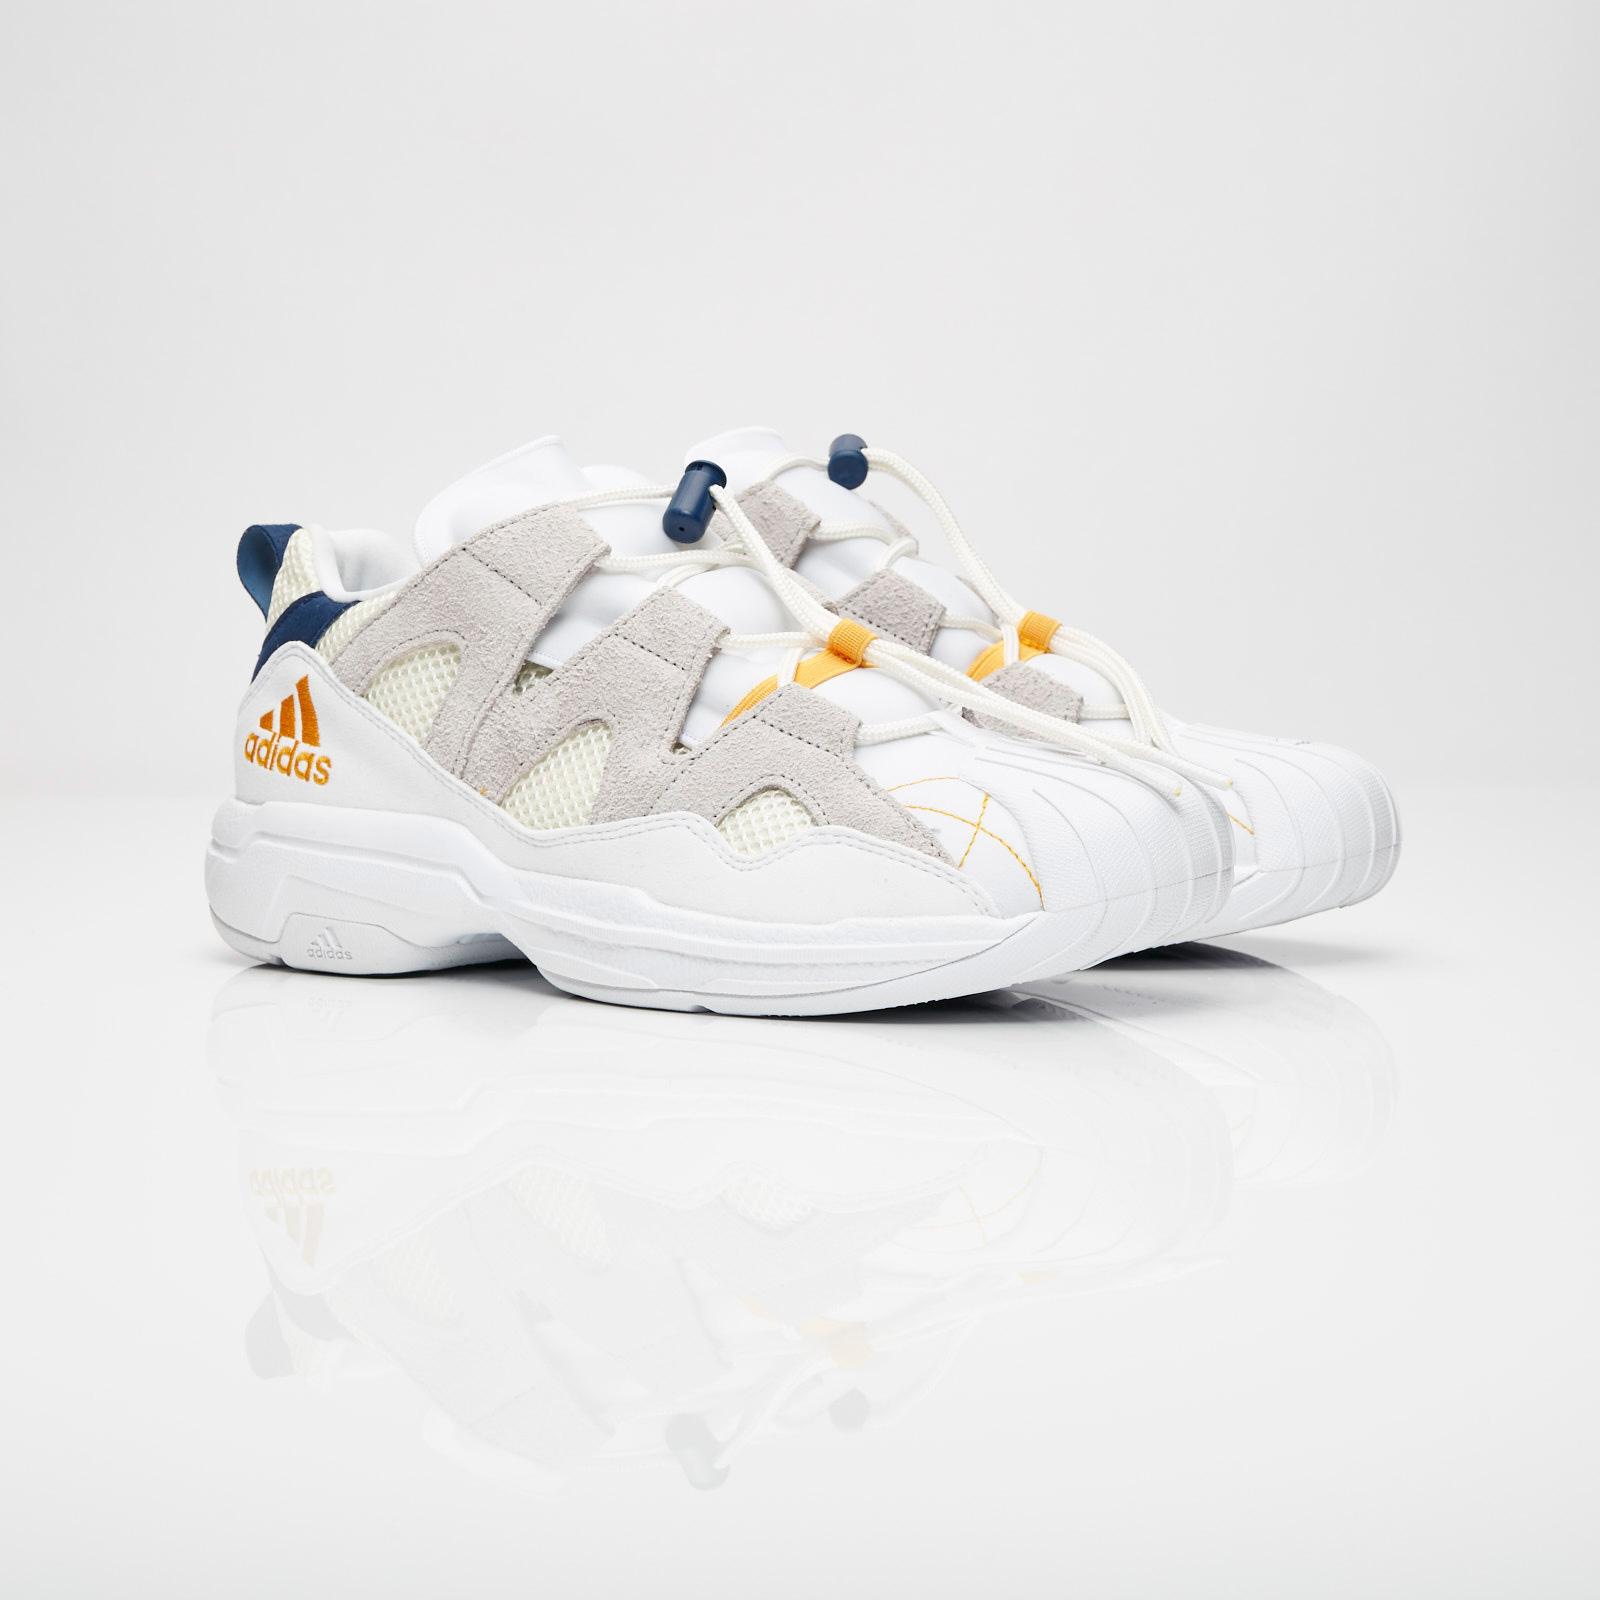 Bc0698 sportschoenen Adidas Workshop Sneakersnstuff Ssg2 EwxqI1